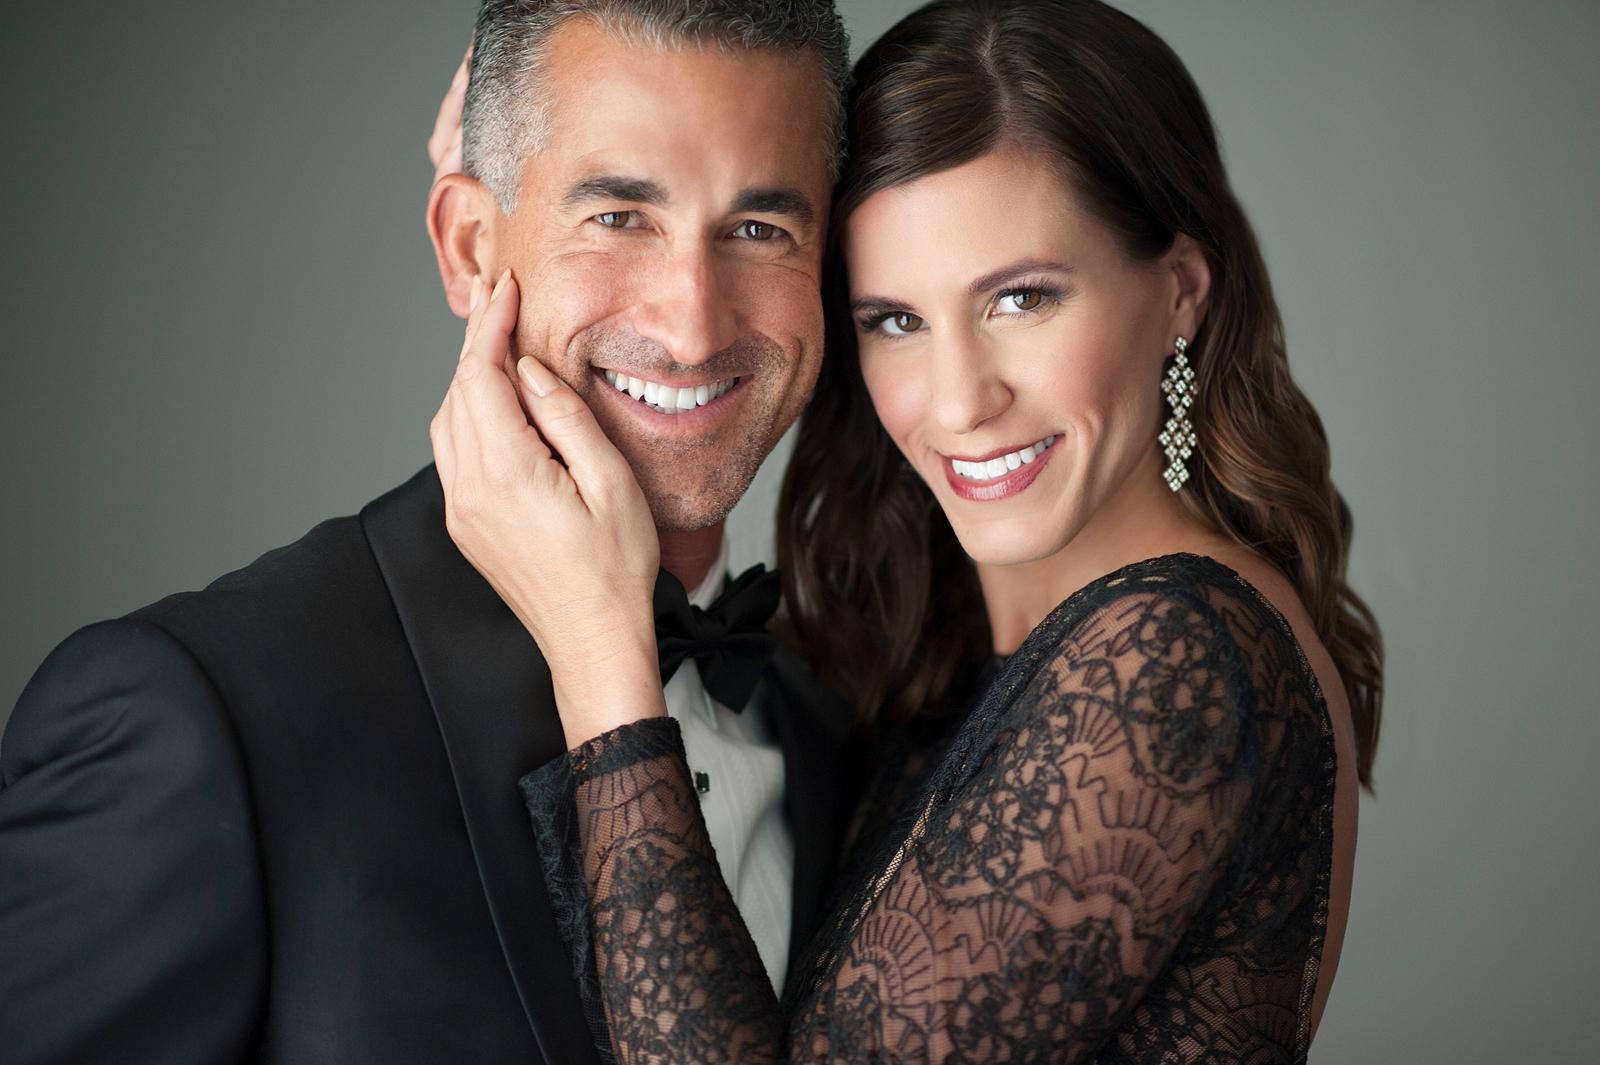 01-formal-couple-portrait-black-tie-gown-megan-dipiero-photography.jpg